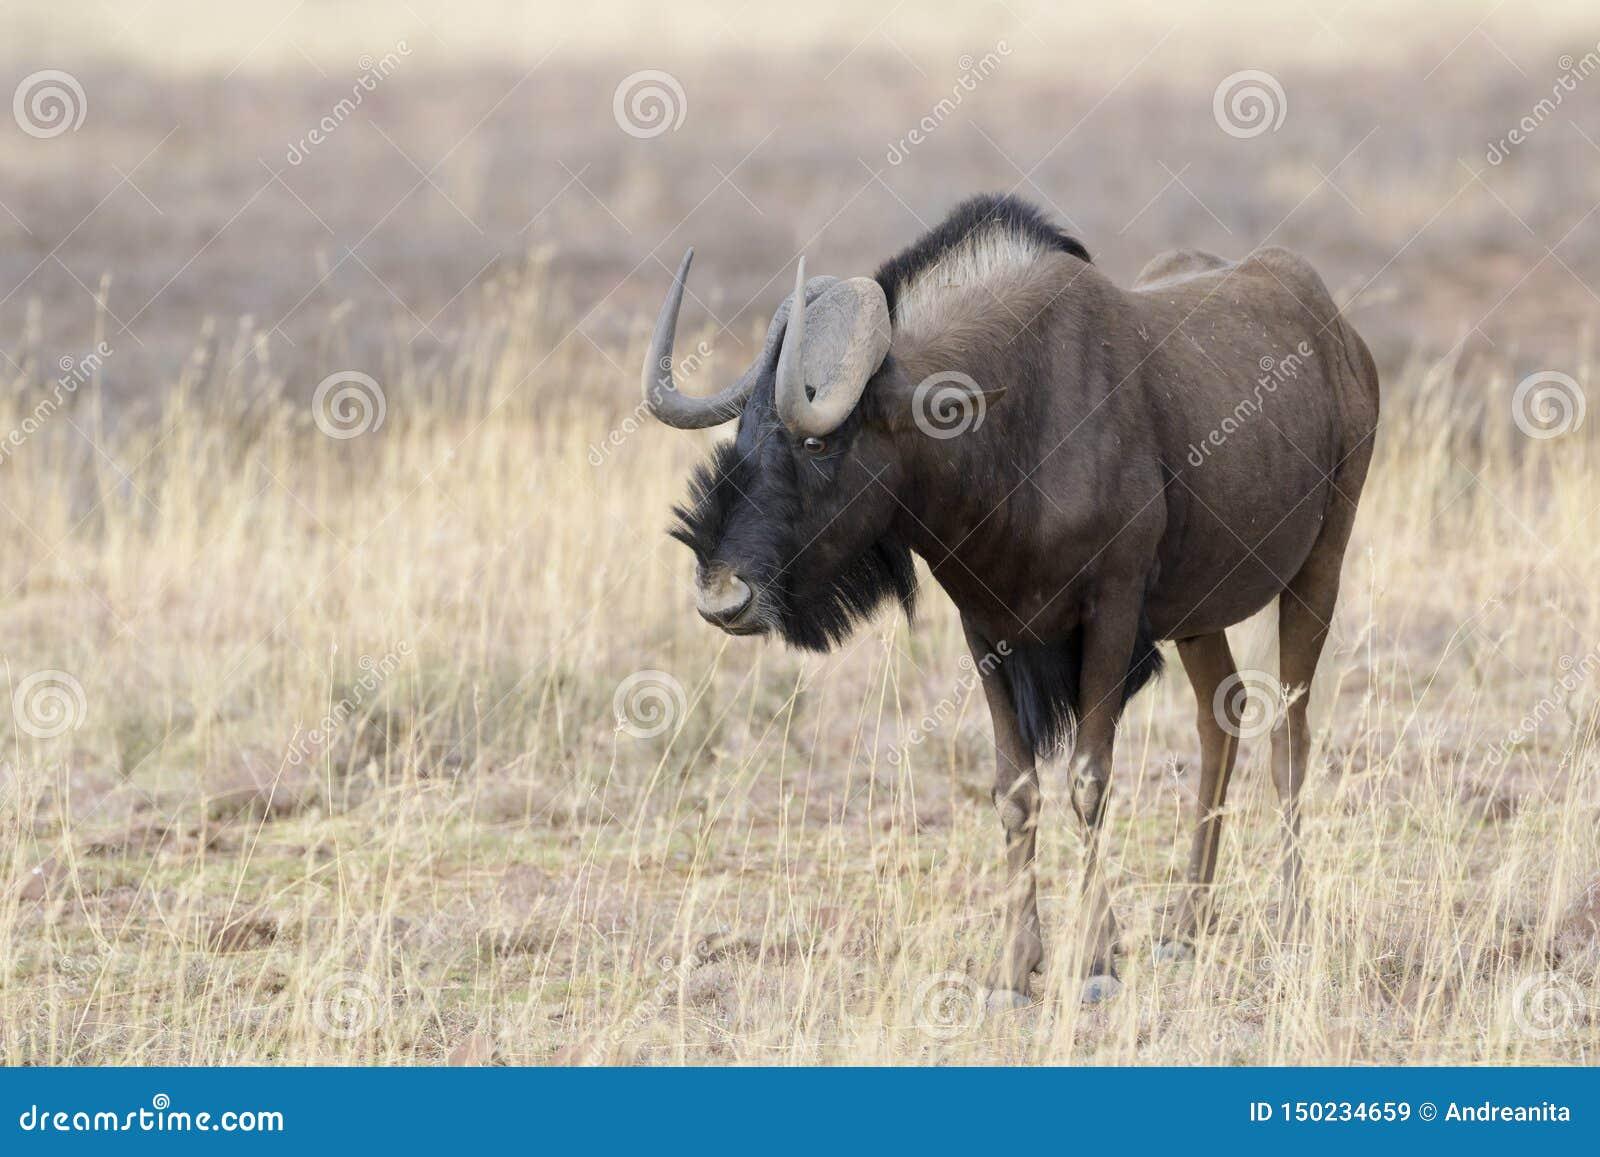 Black Wildebeest standing  in grassland